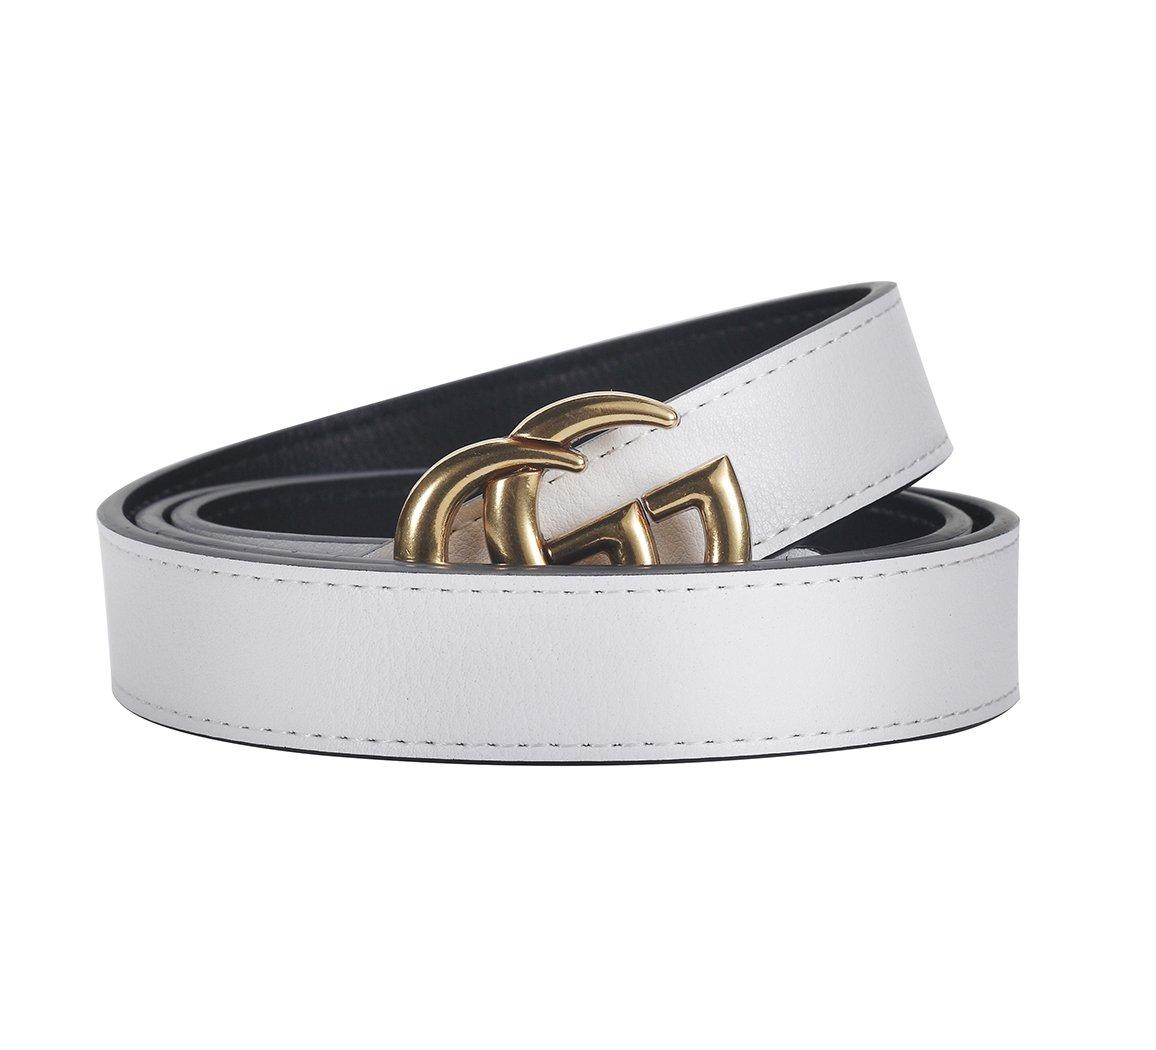 [TGVQUN] Luxury Designer GG Style Slim Thin Women Girl Fashion Belt [2.5CM Width] (95CM [Waist 26-30], White) by TGVQUN